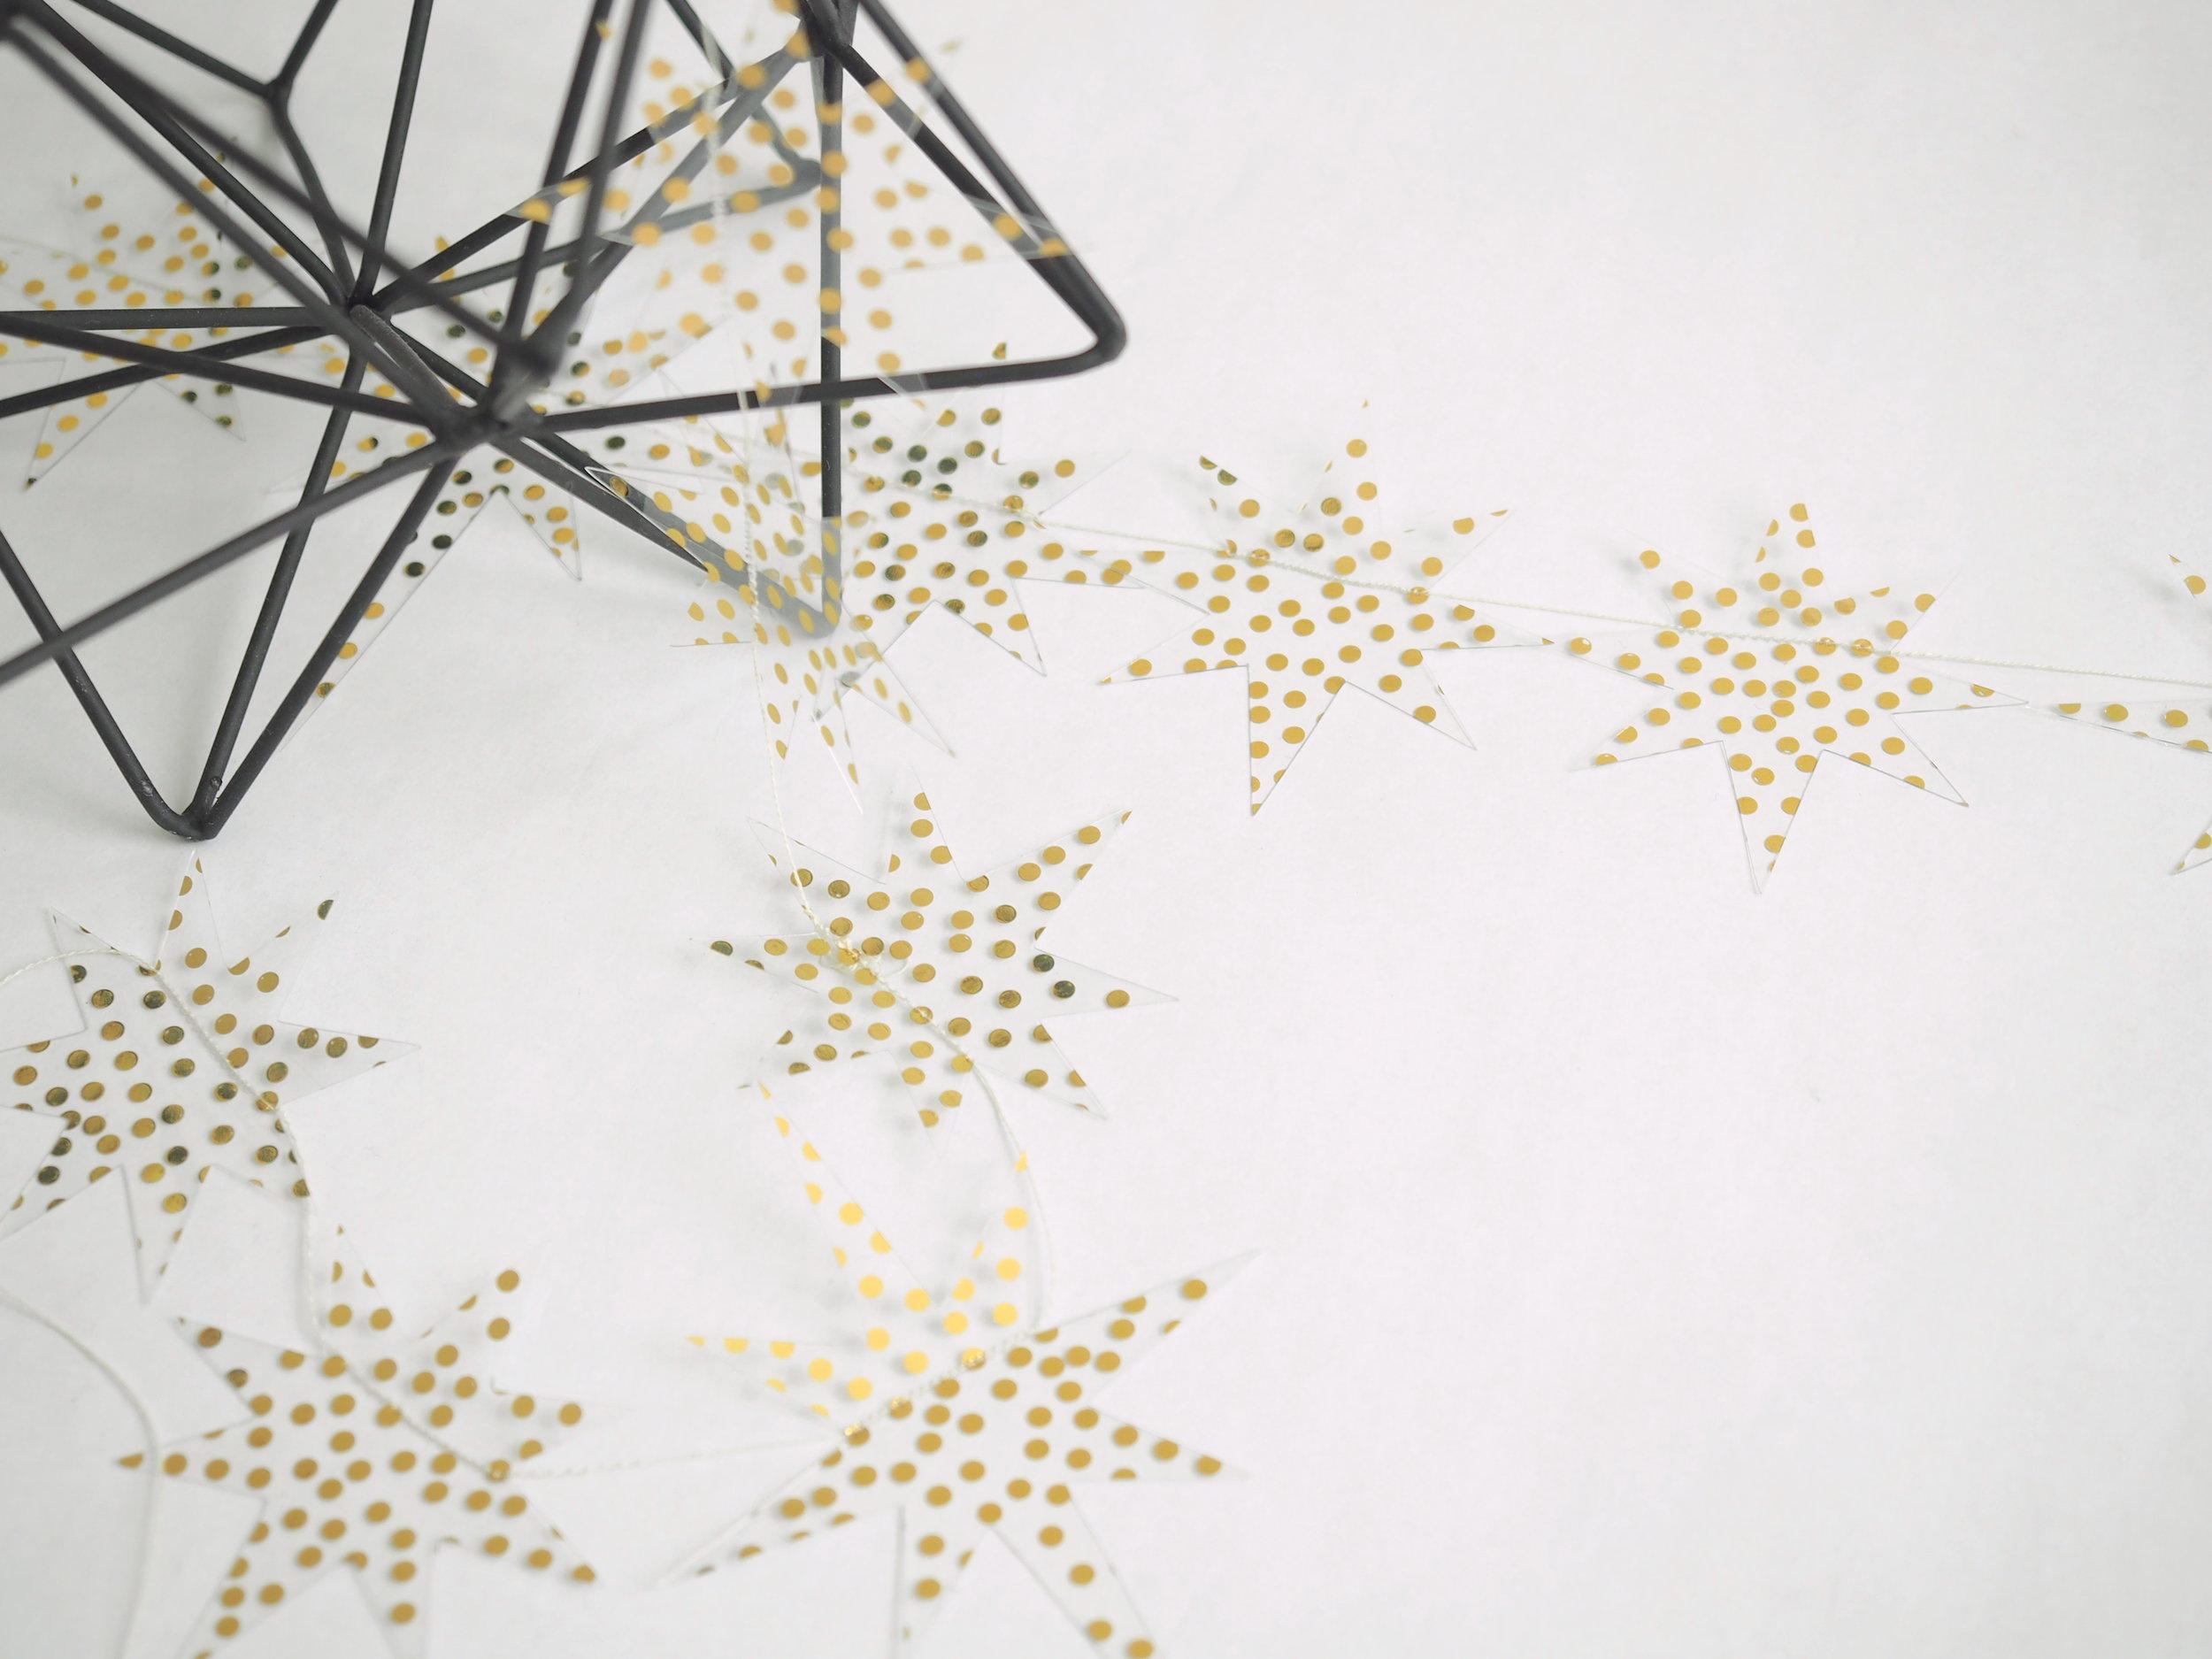 <ゴールド水玉のスターガーランド> ゴールド水玉柄の透明アクリルシートで 星を象って作ったオリジナルバナー。